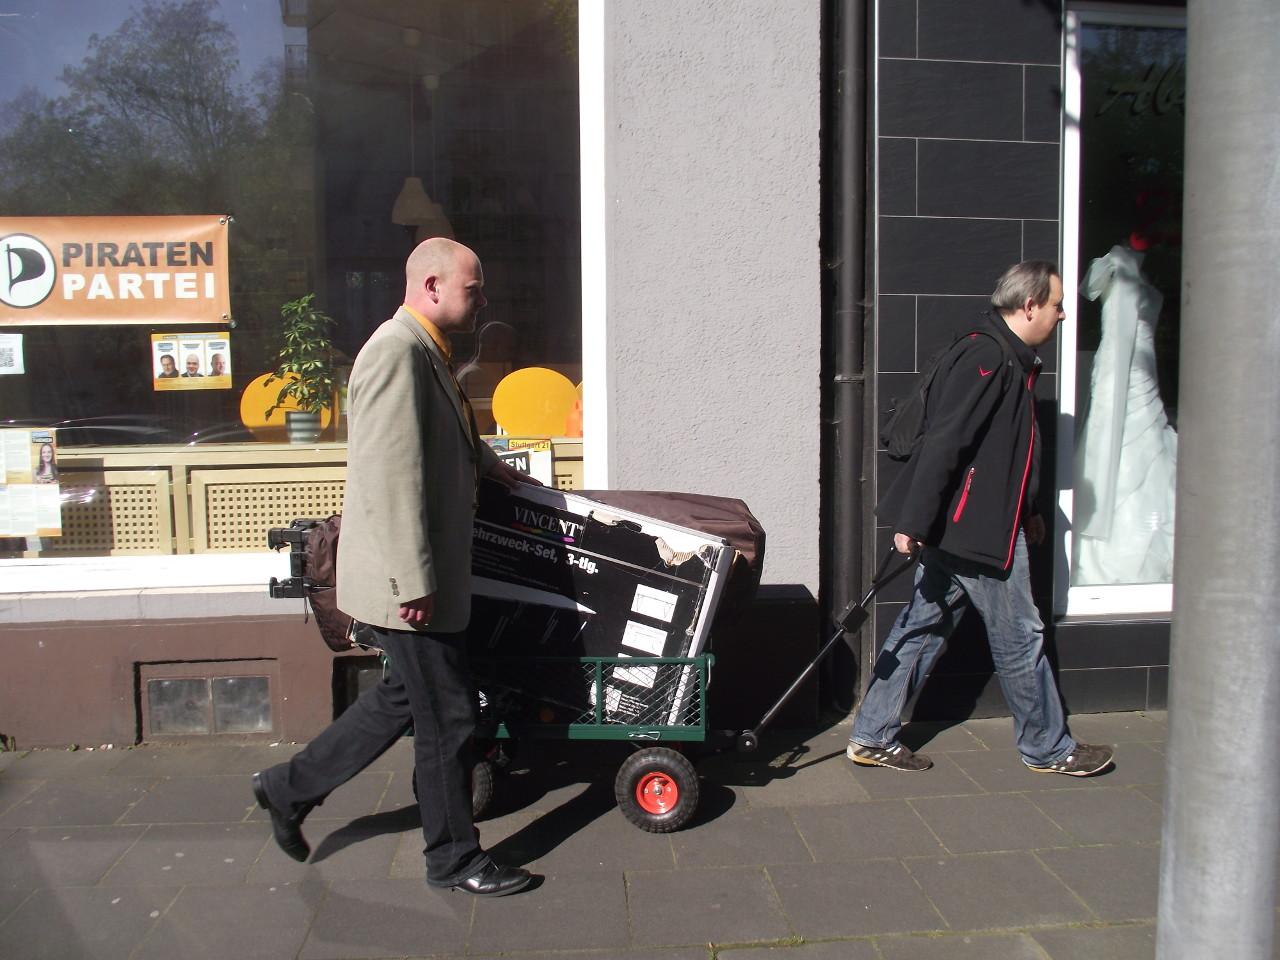 Spitzenkandidaten Christian Specht und Thorsten Kiszkenow mit Bollerwagen